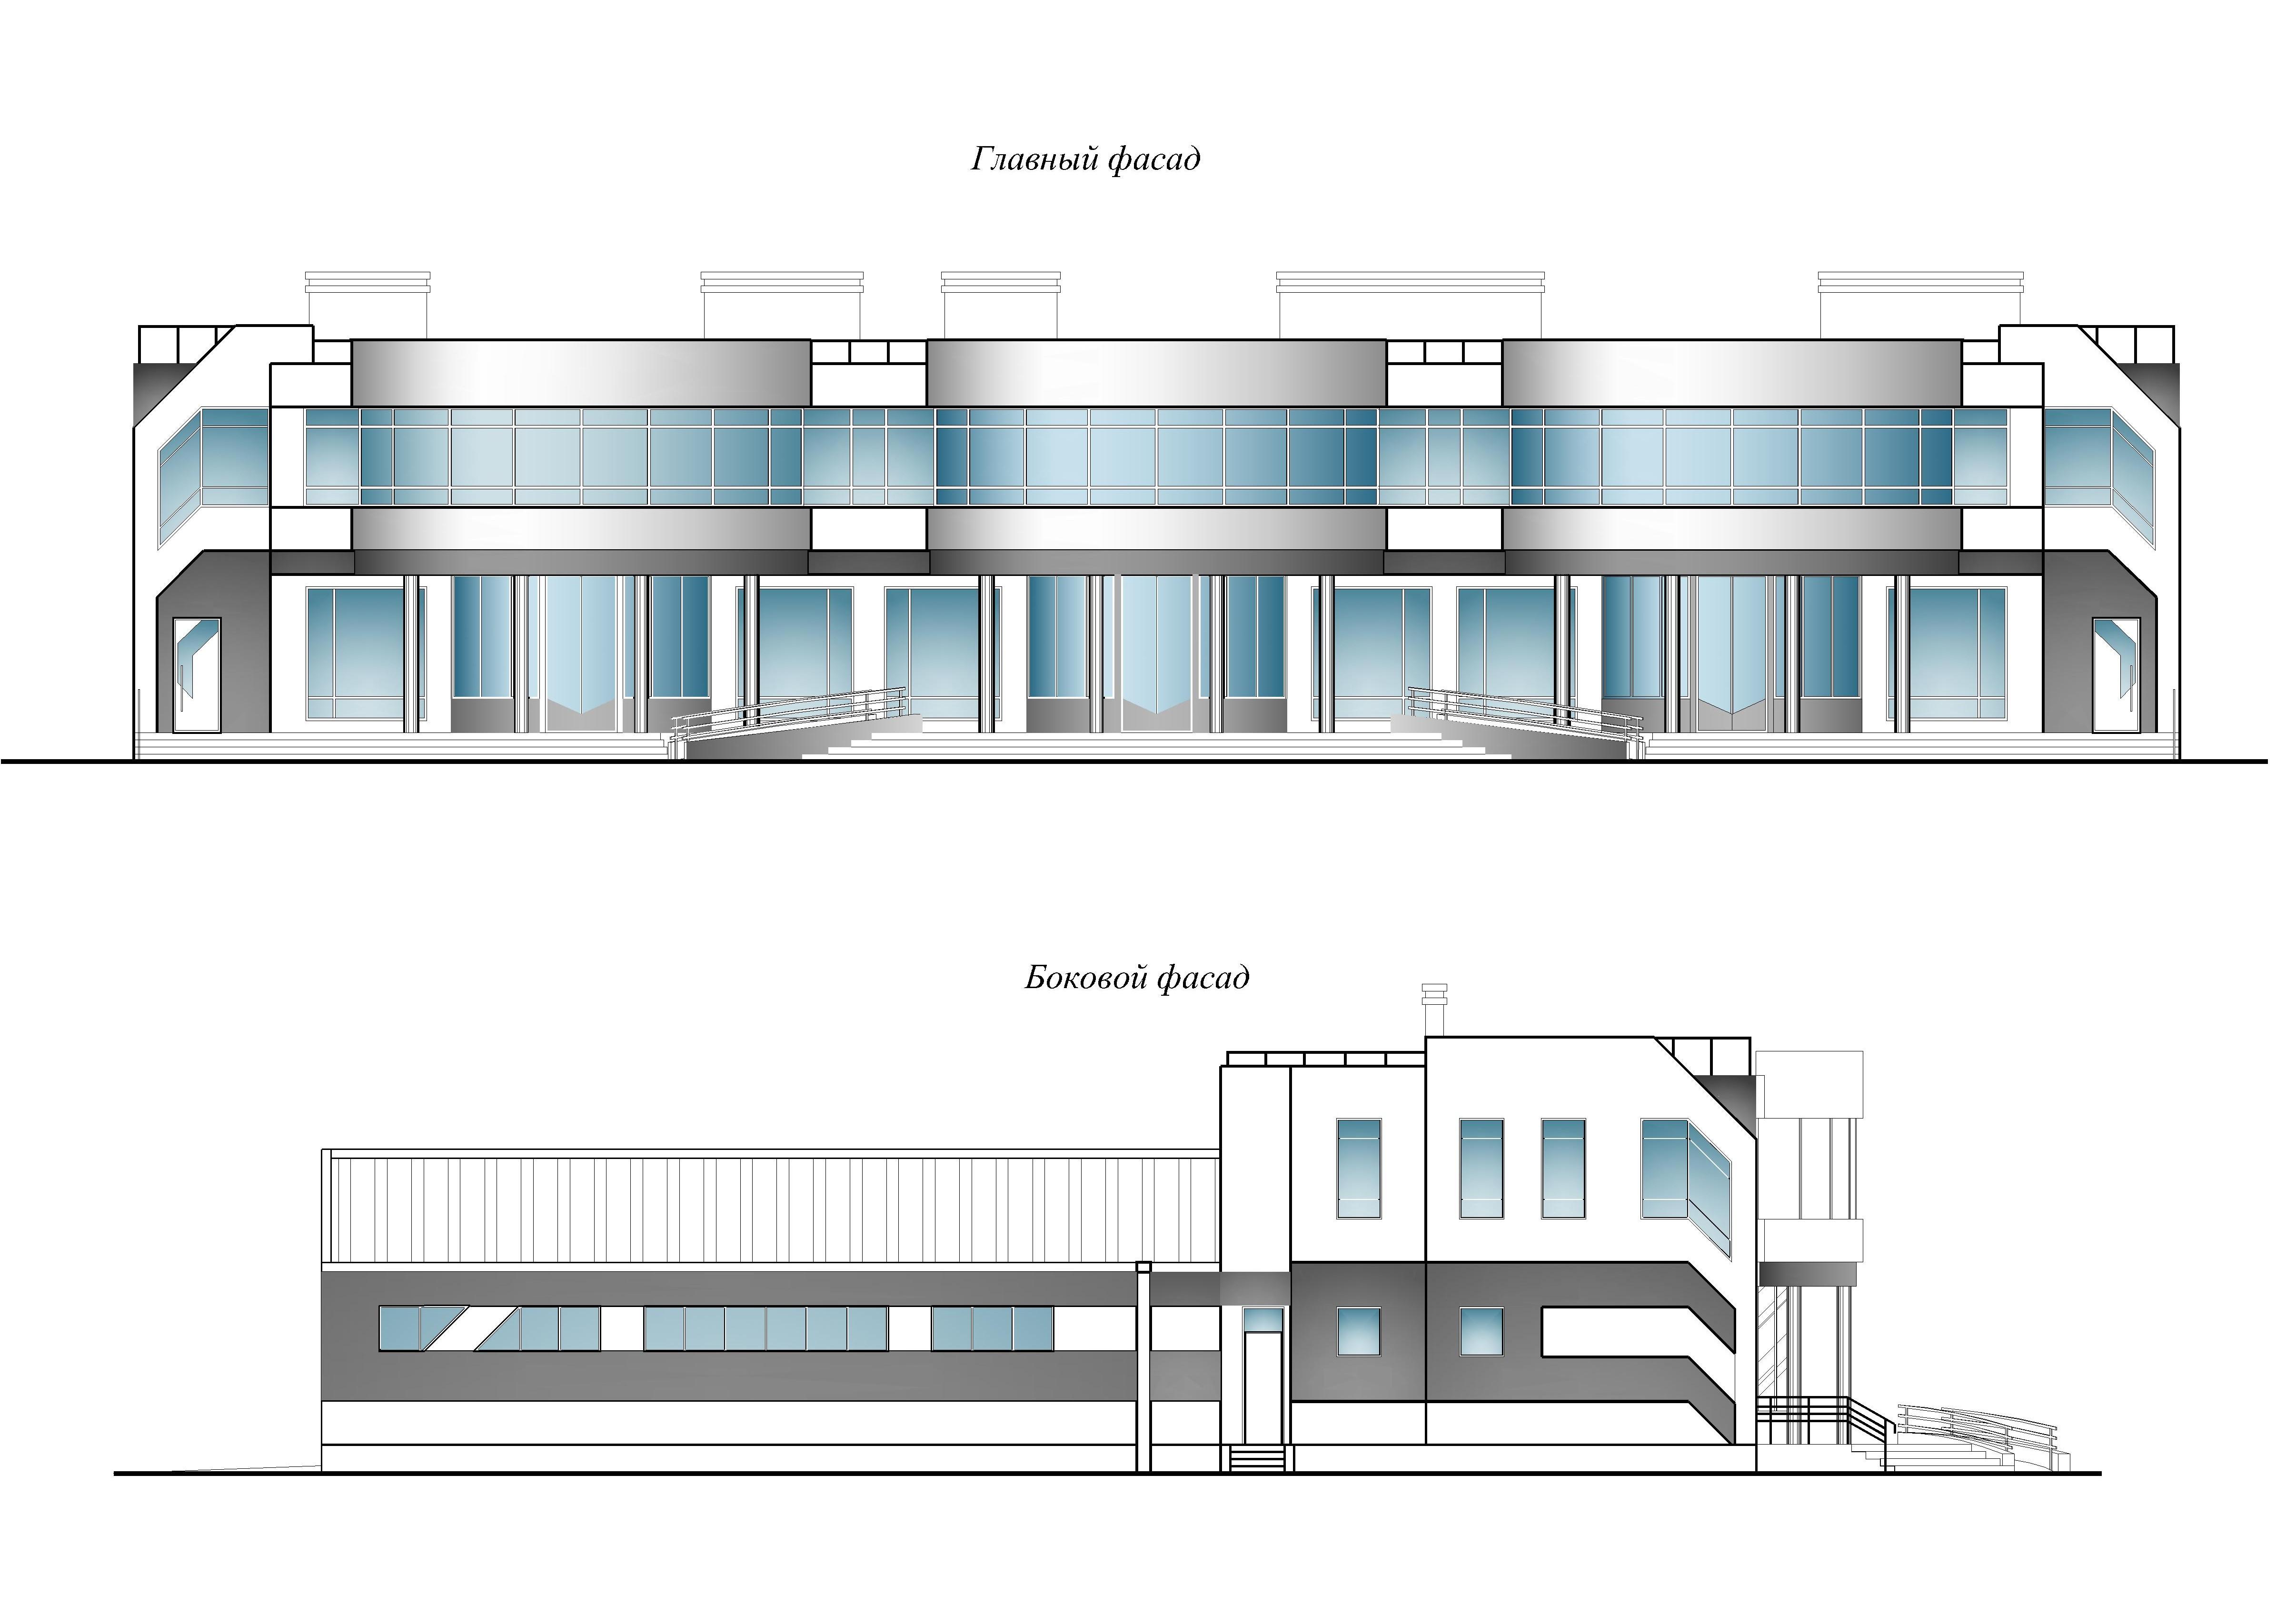 Проект базы оптово-розничной торговли. Главный и боковой фасад